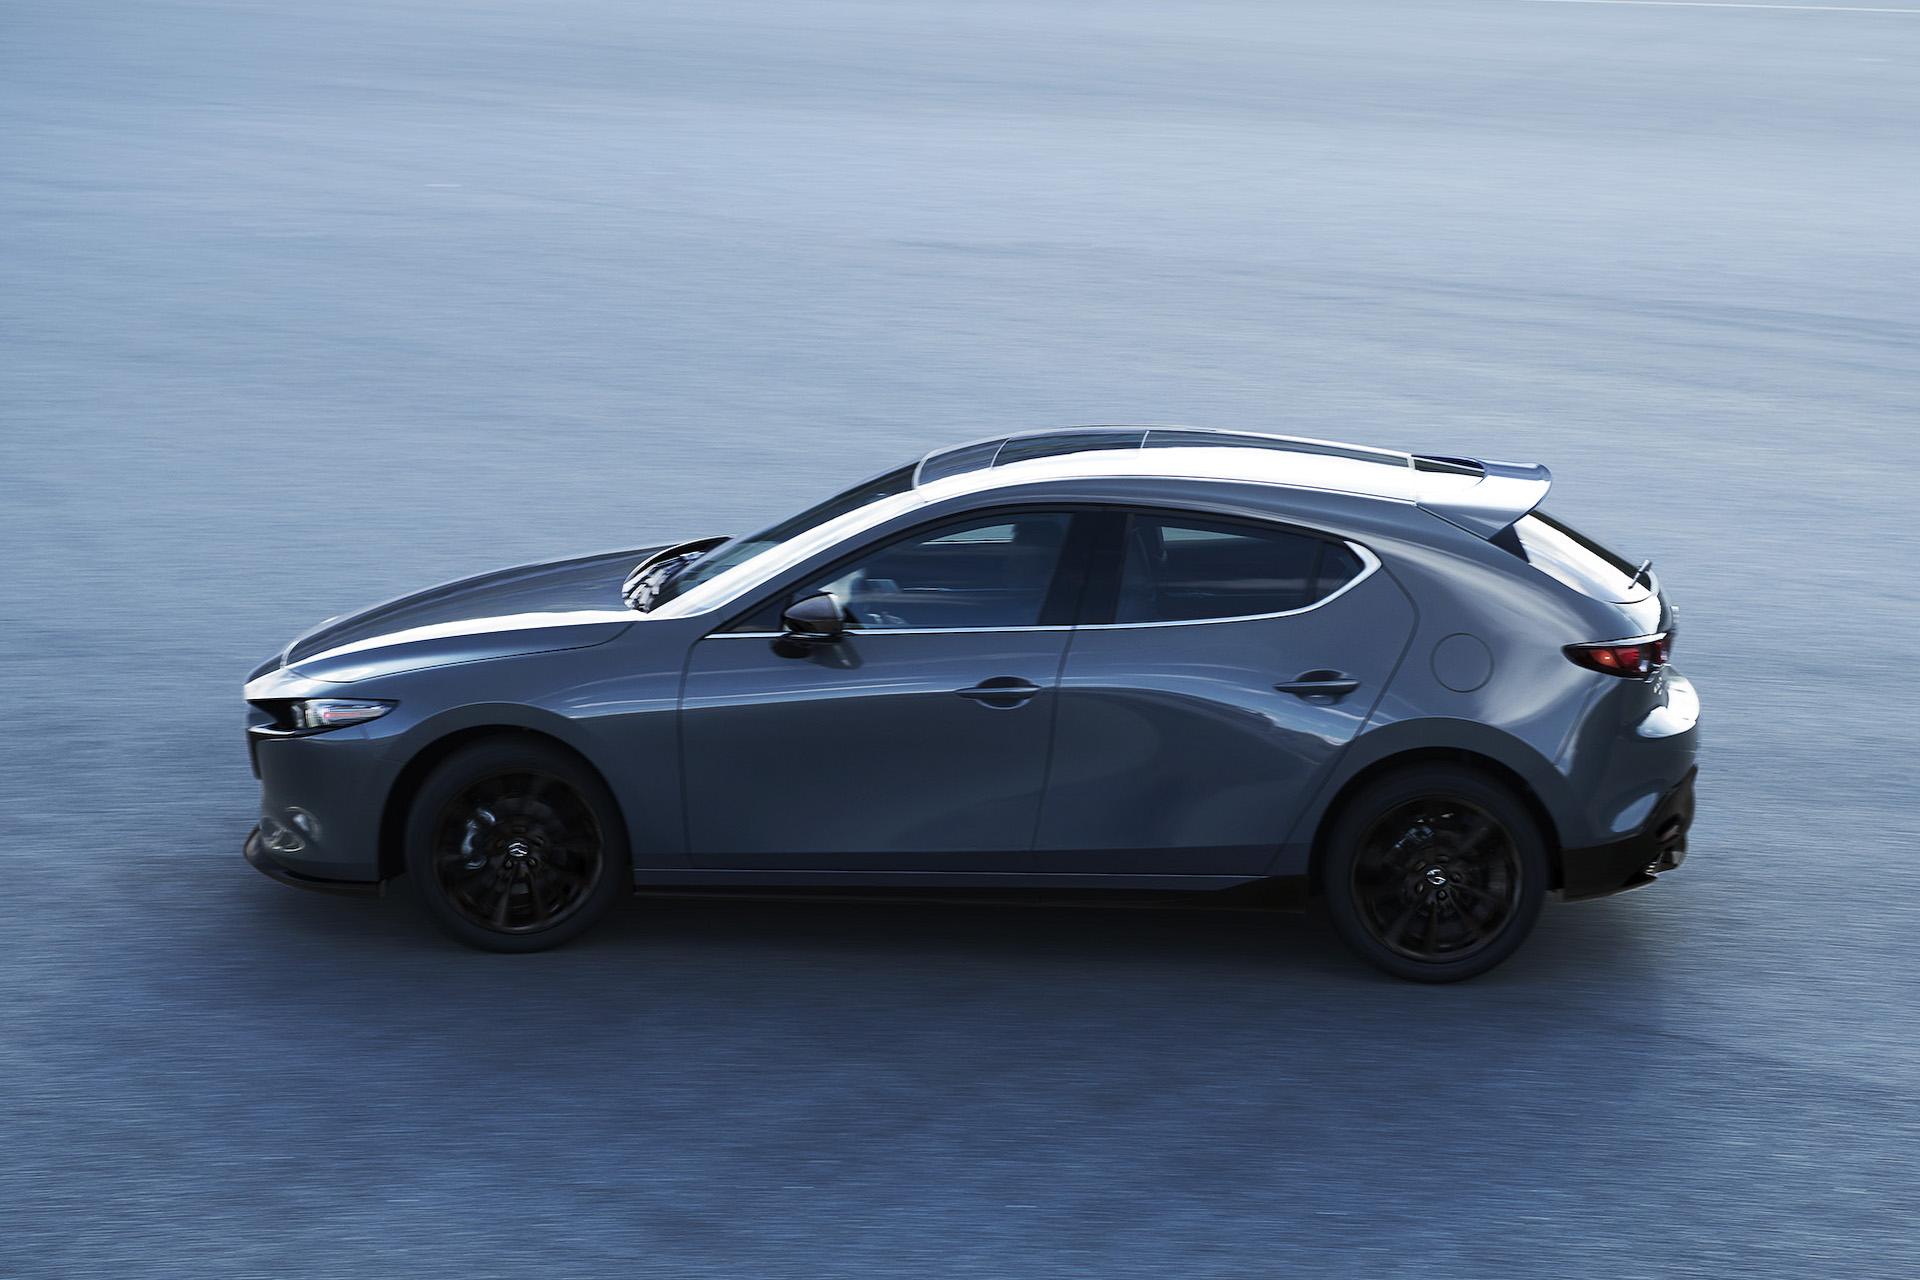 マツダ、新型「Mazda3」(用品装着車)を東京オートサロン2019で日本初公開